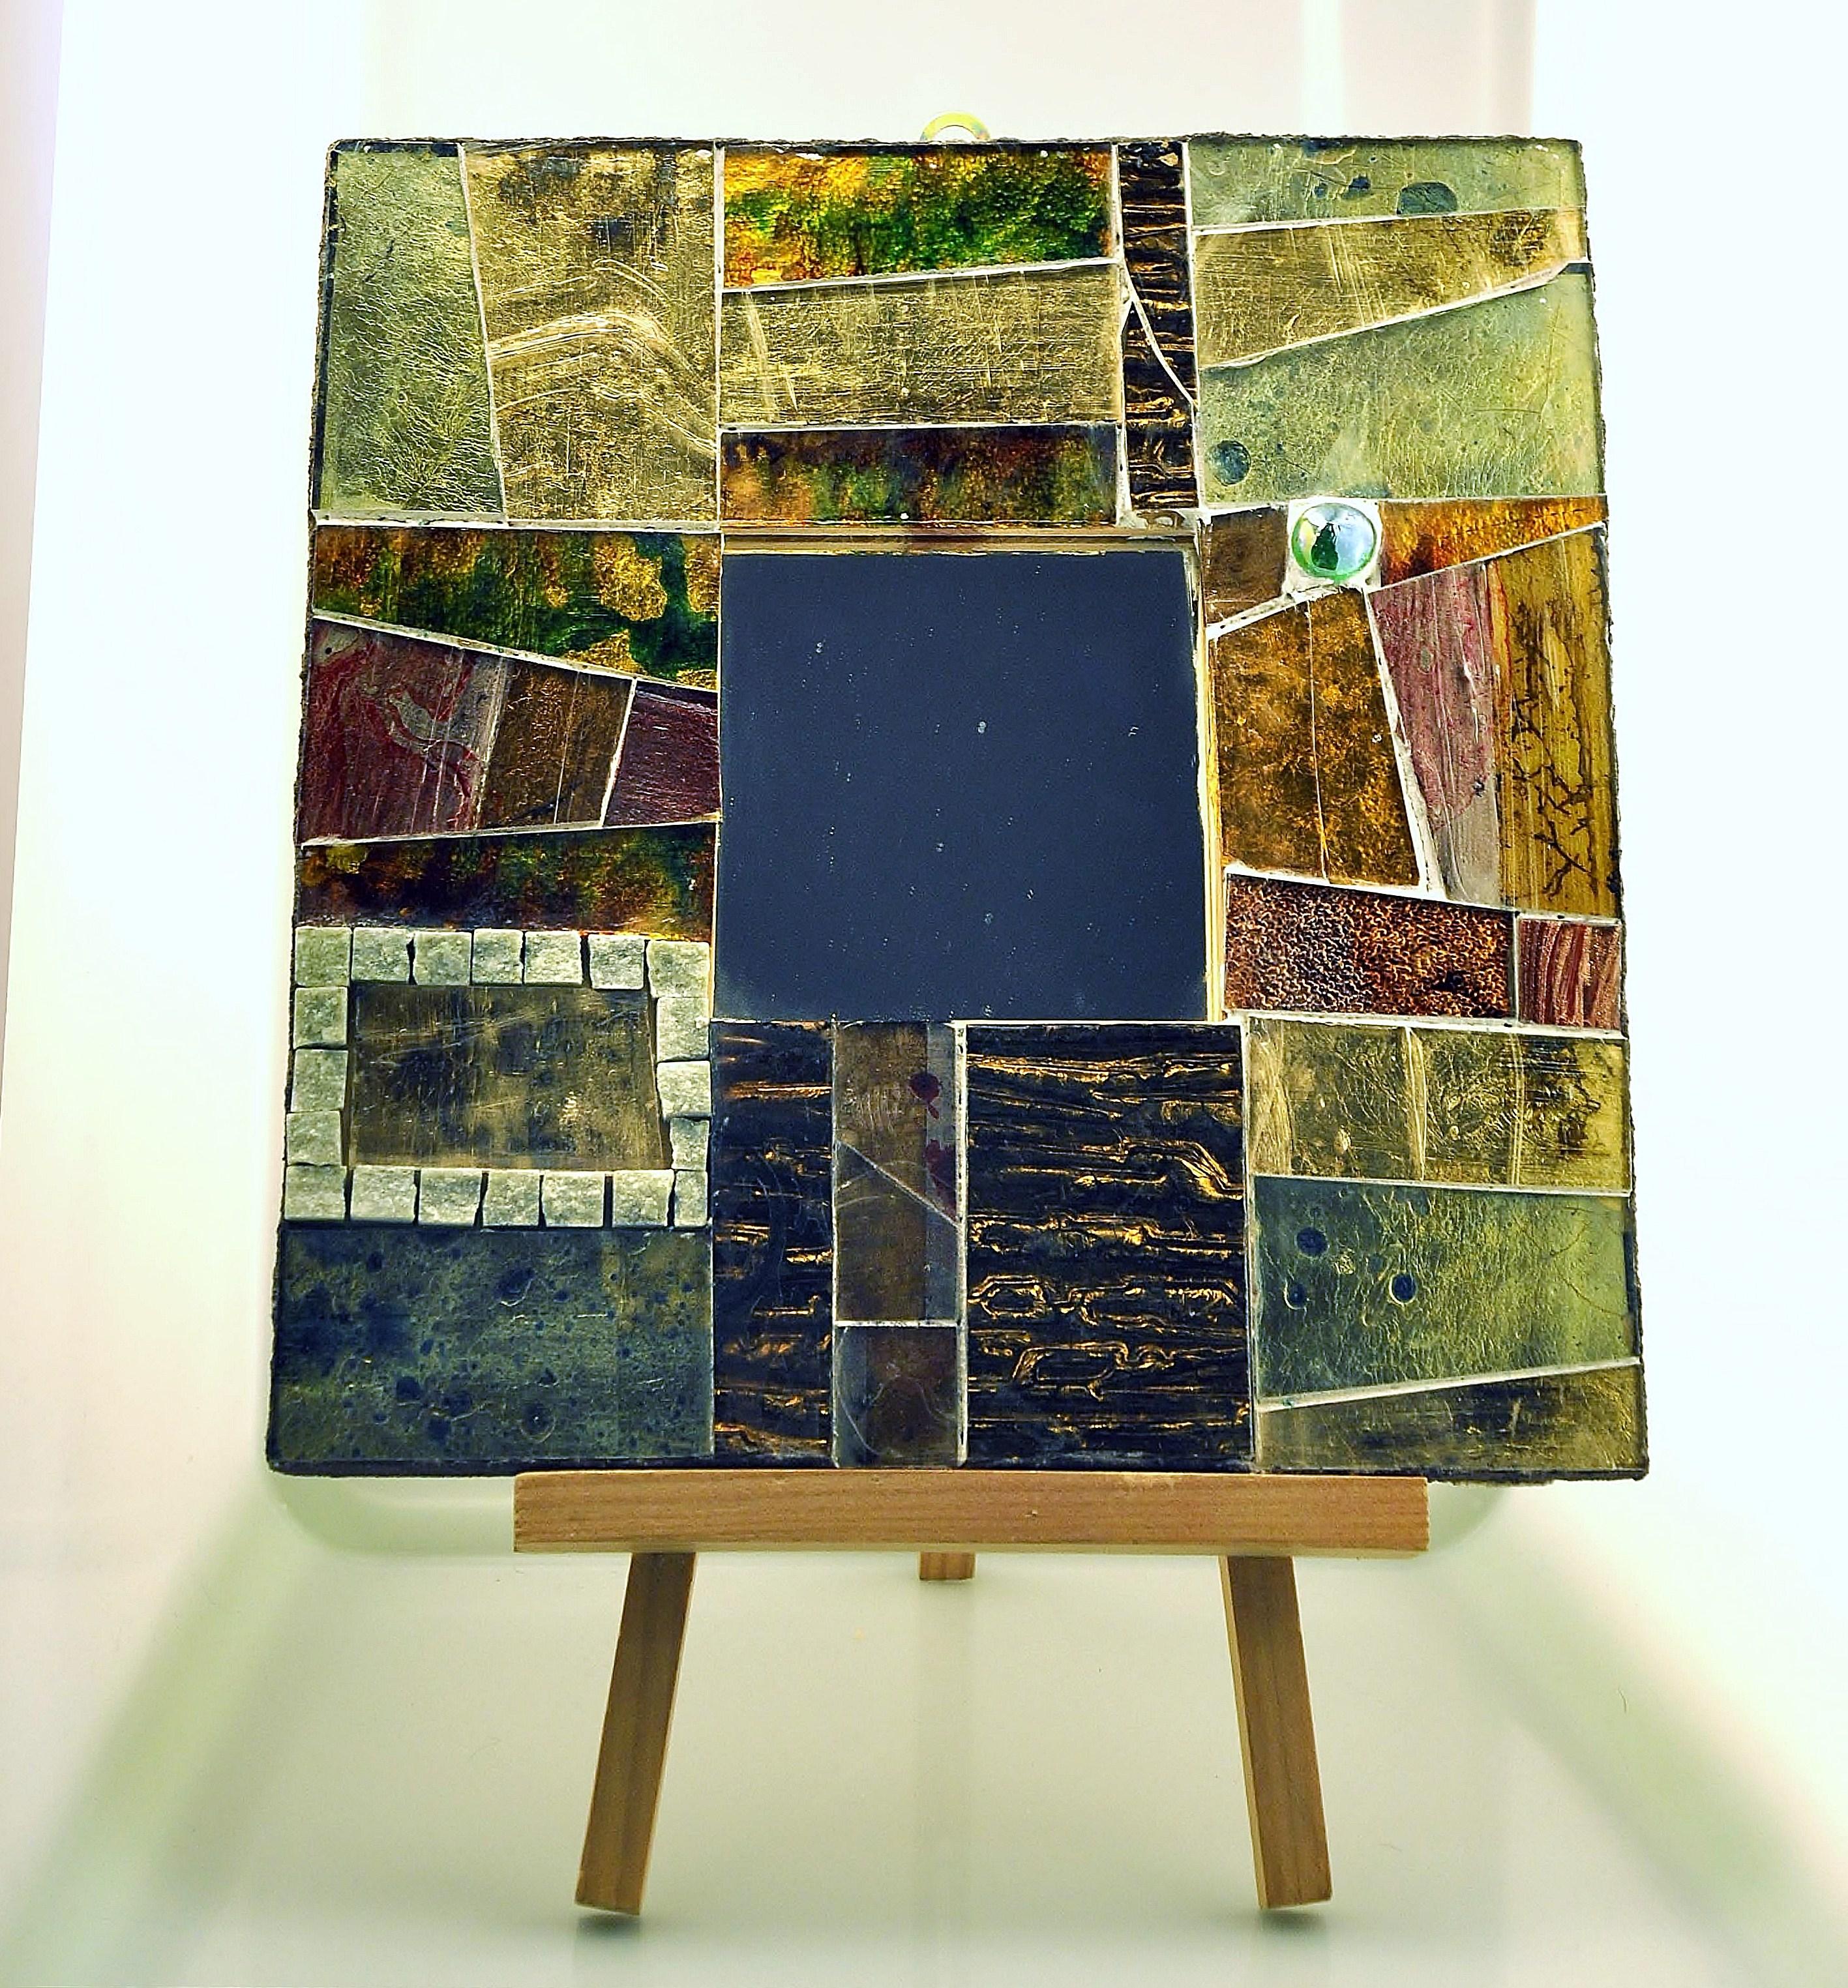 Specchio mosaico quadrato vetro e marmi naturali - Specchi colorati ...